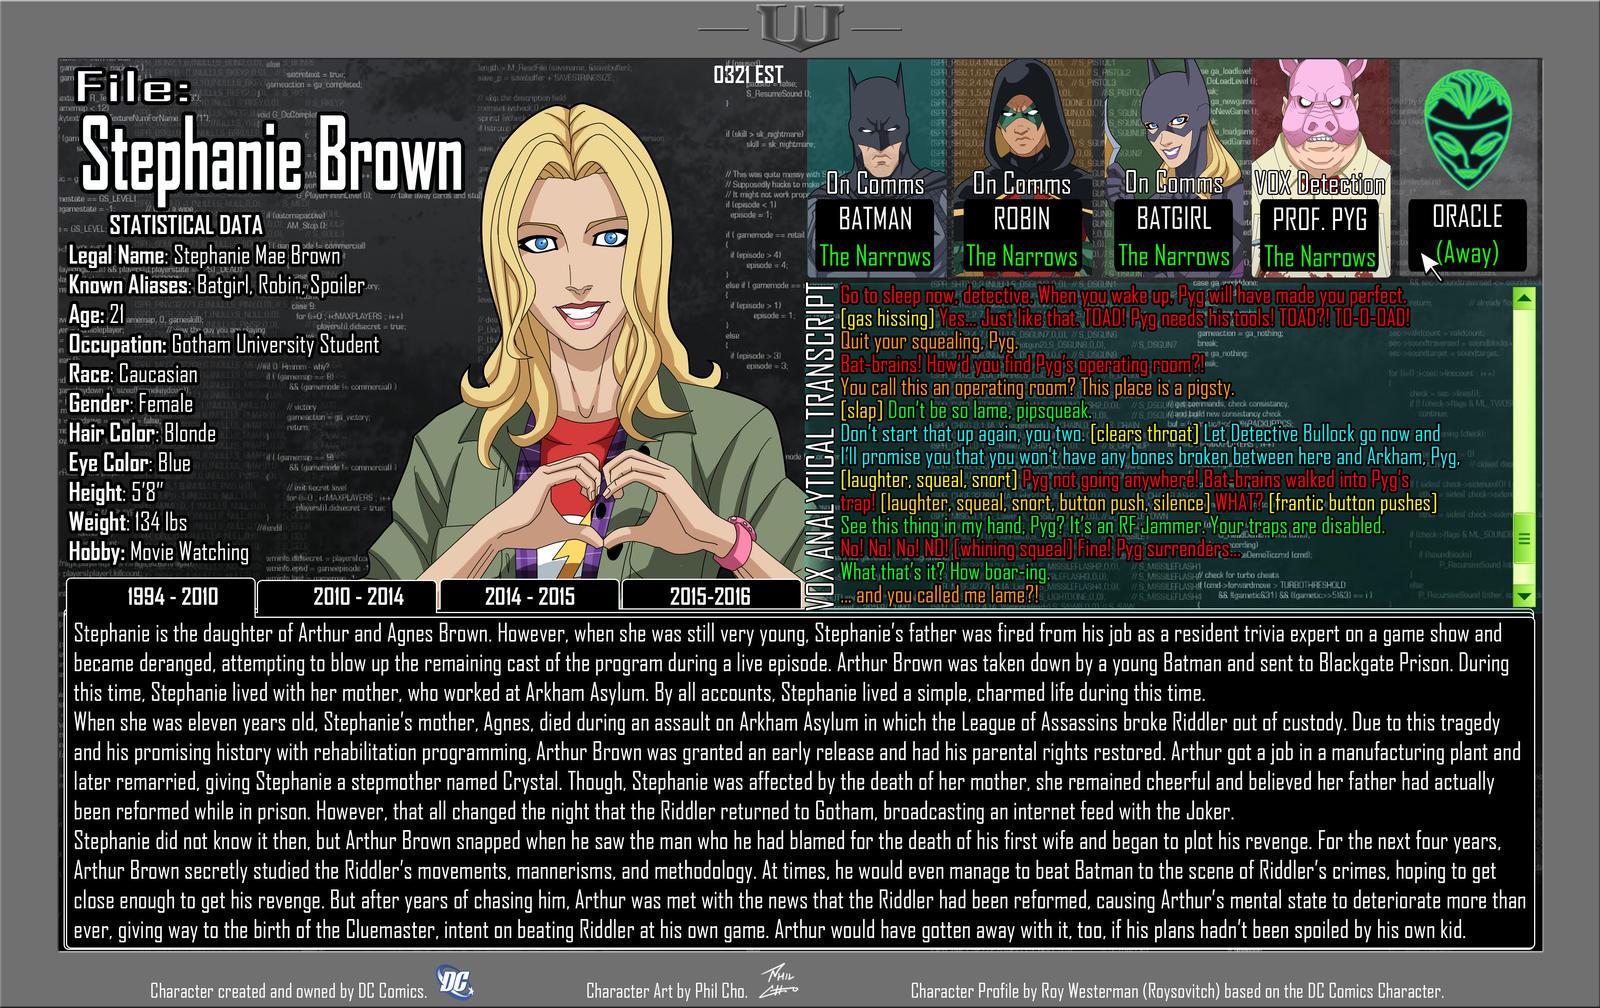 Oracle Files - Stephanie Brown 1994-2010